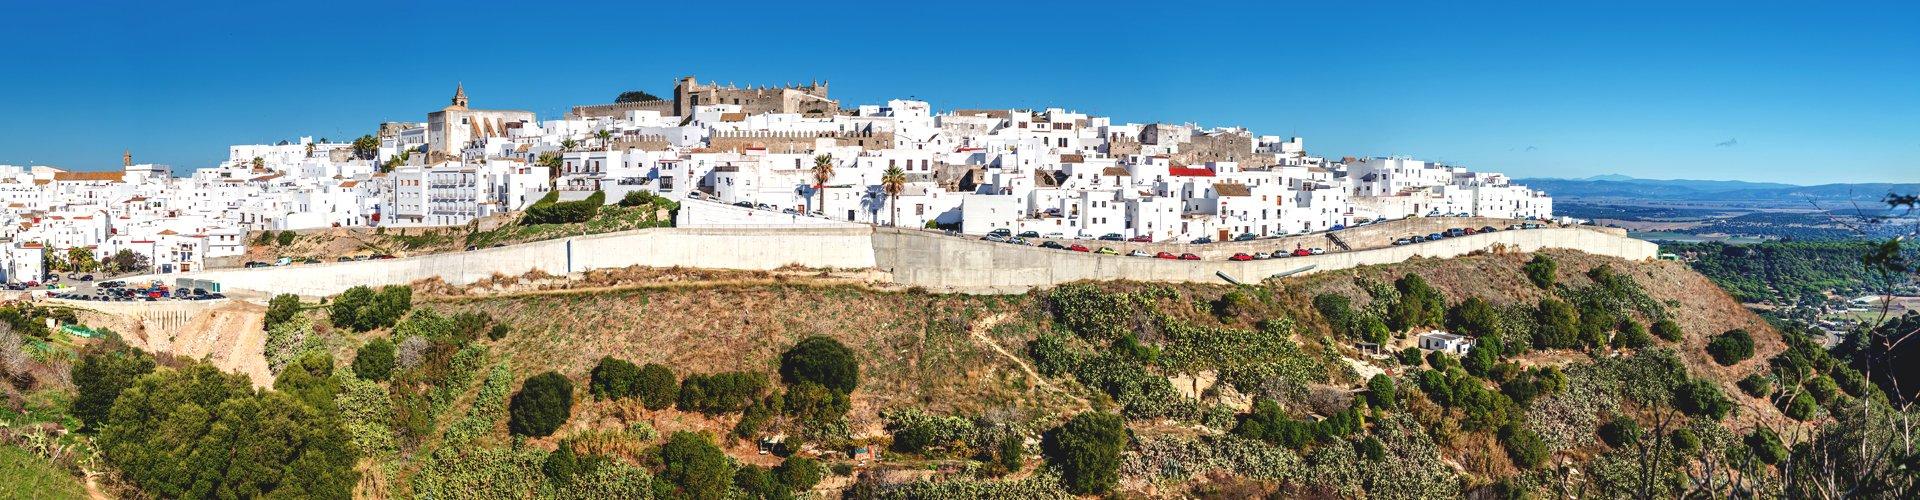 Andalusië onbekende zuiden Costa de la Luz, Spanje